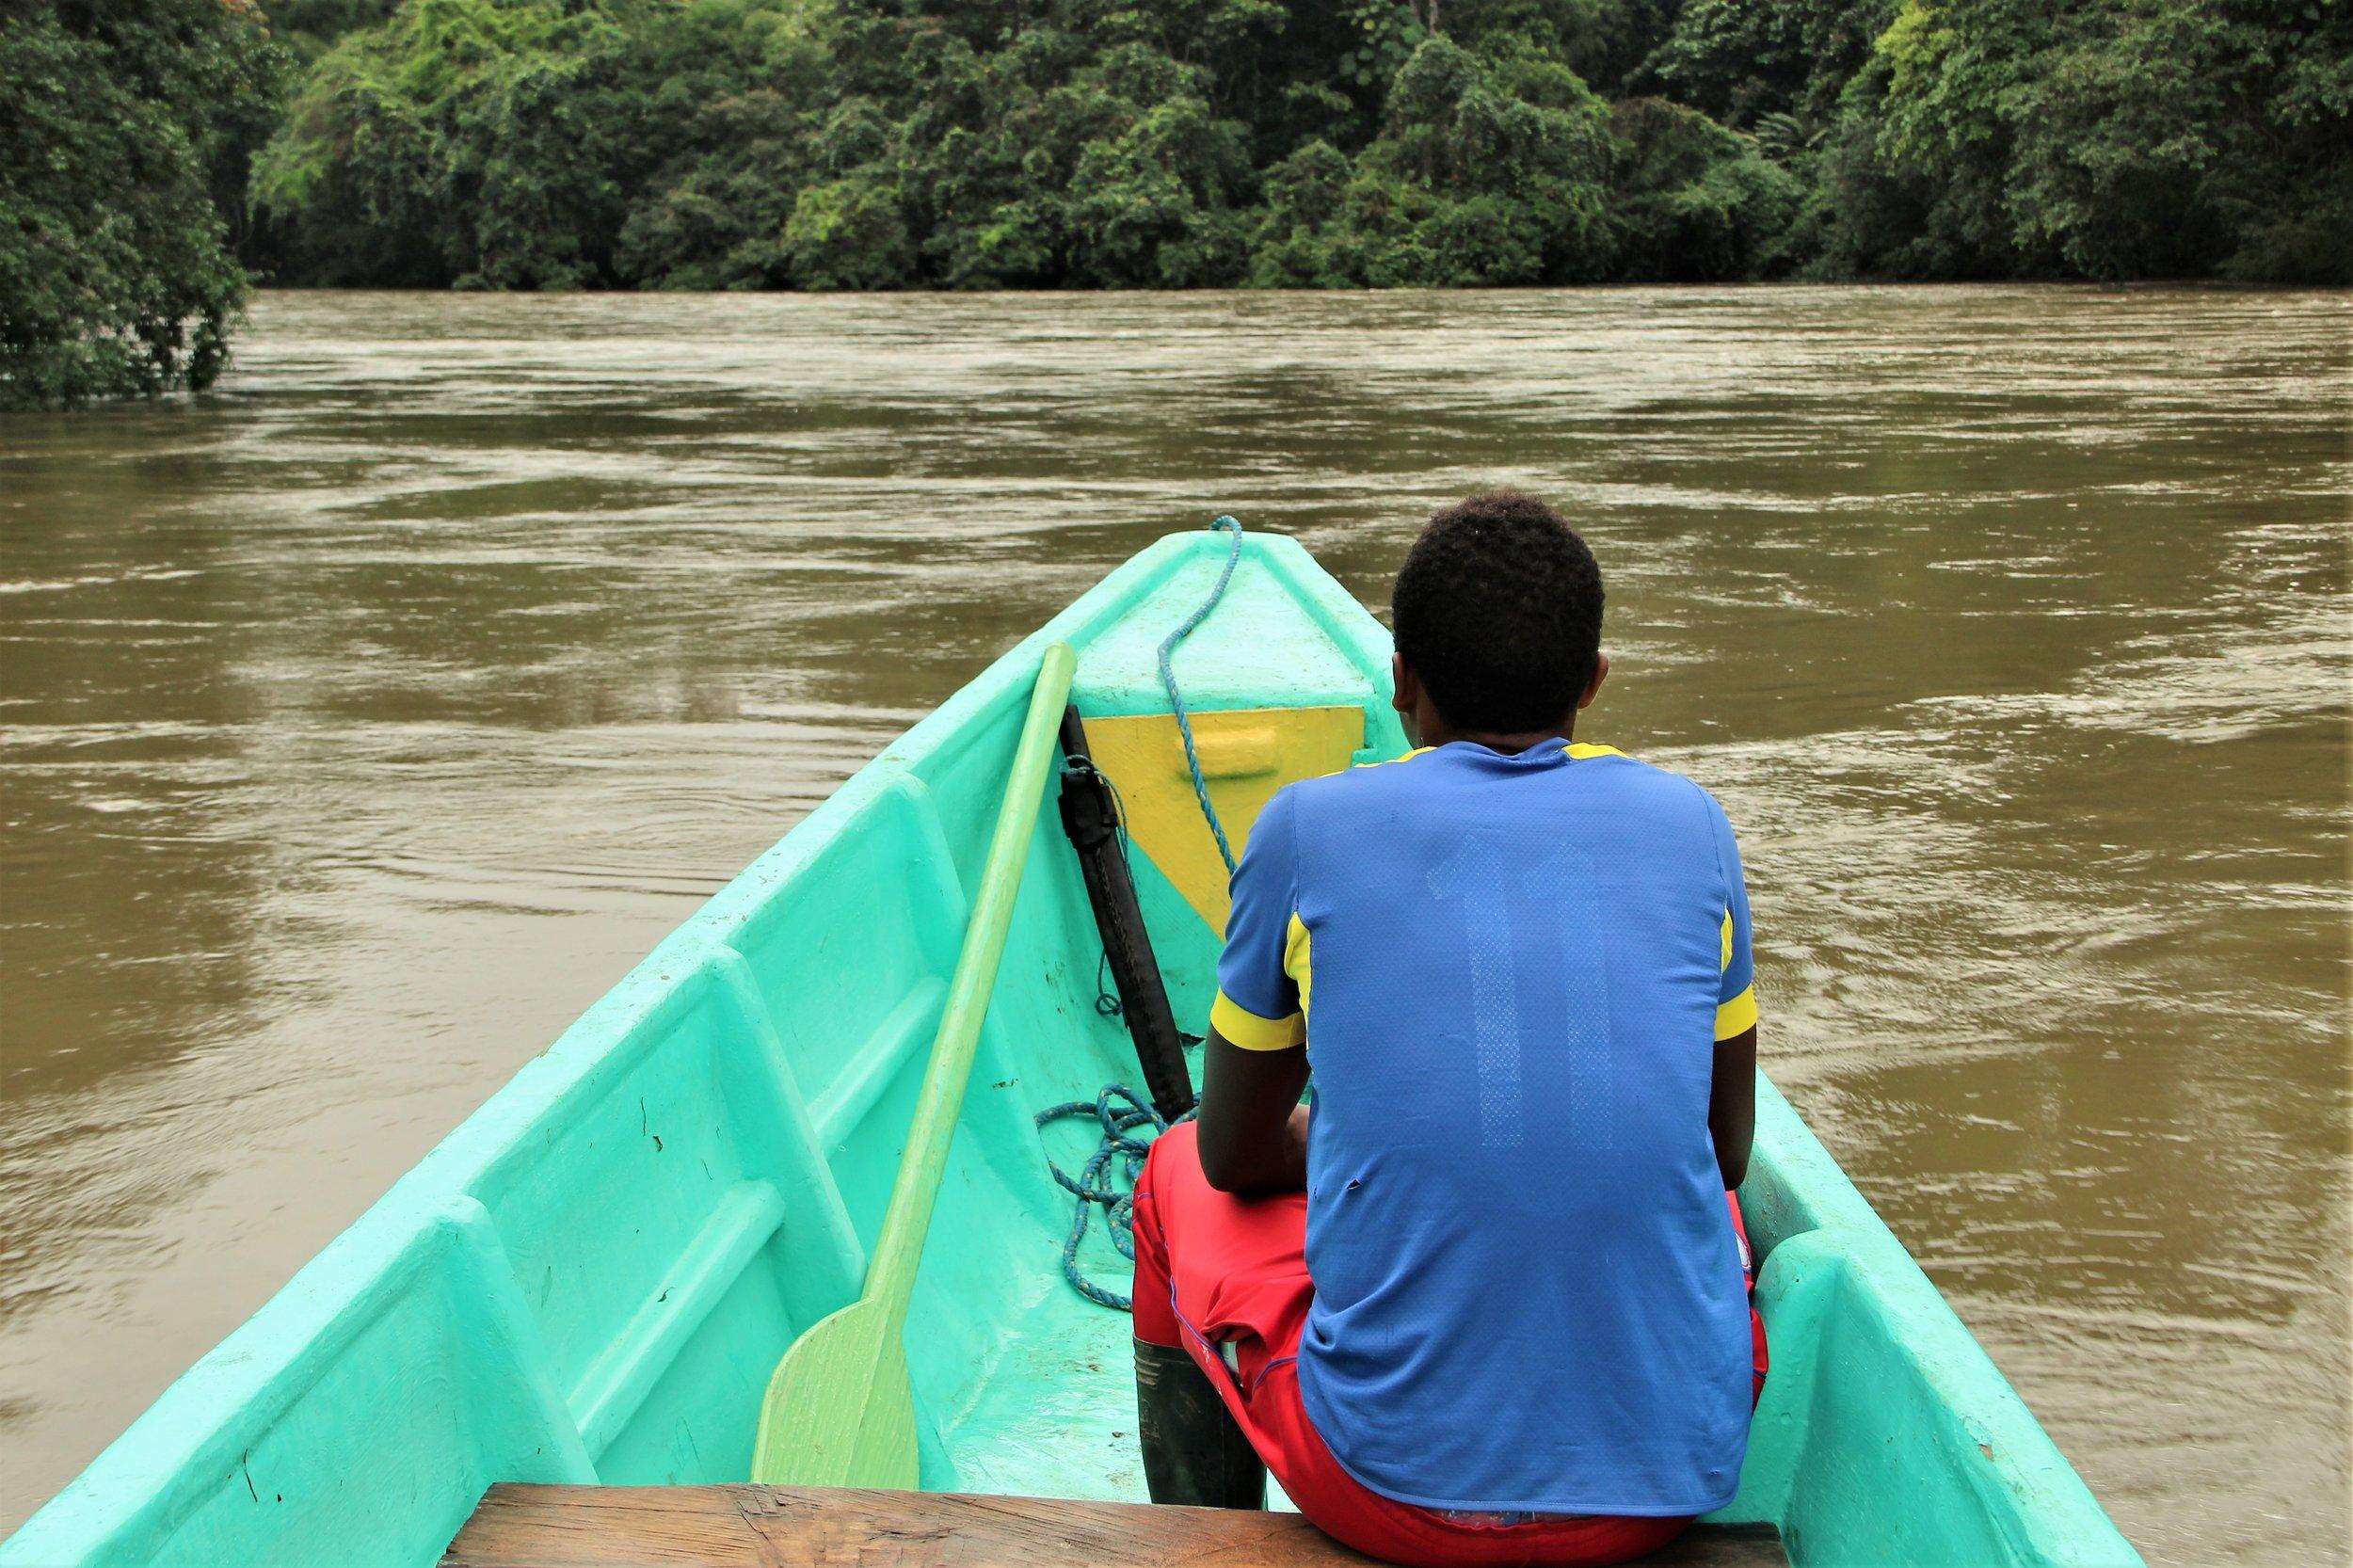 foto paseo canoa playa de oro (1).JPG